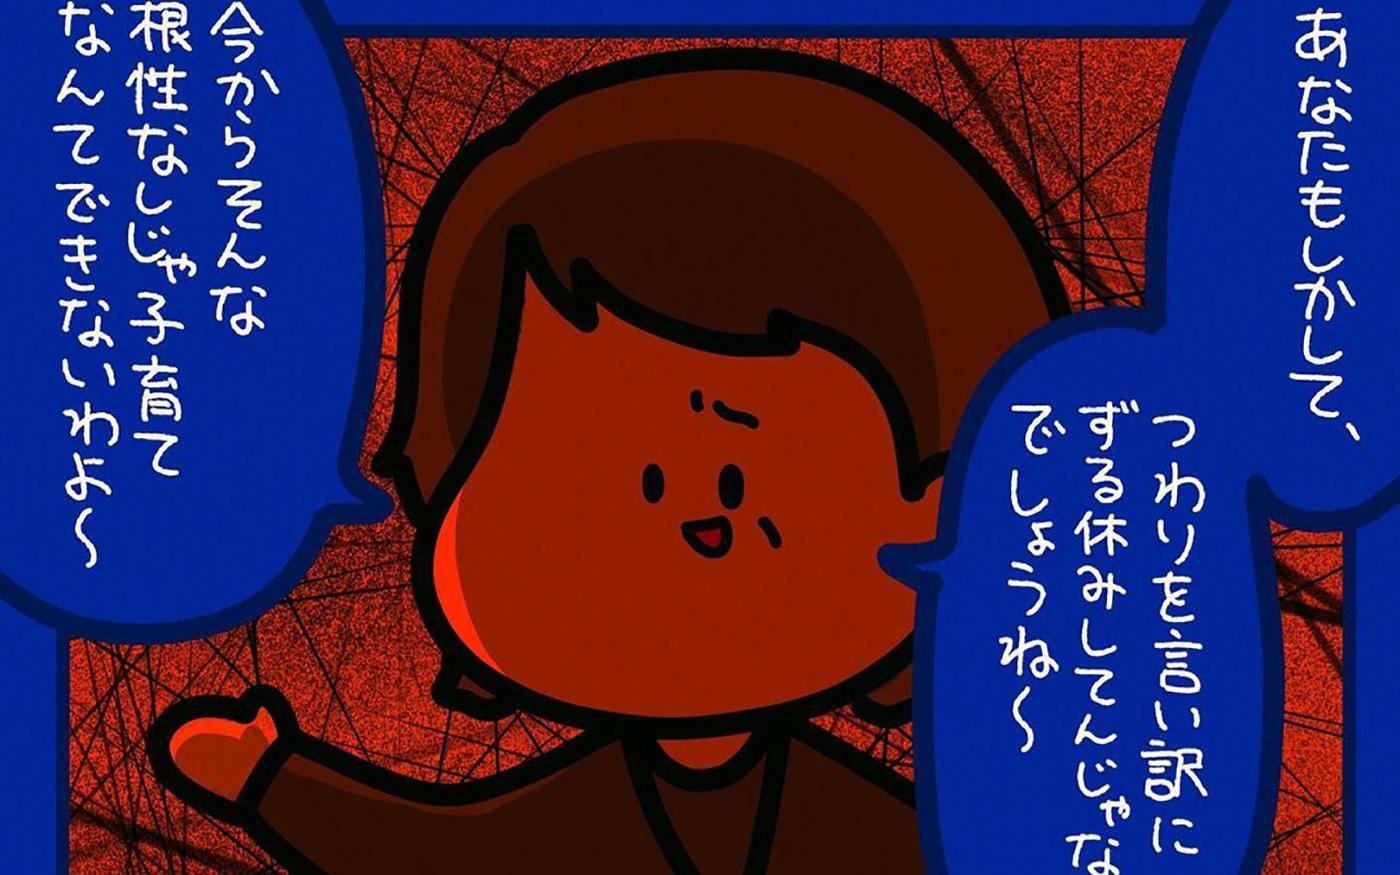 【スカッとする話】職場でのマタハラ…反撃してくれたのは毒舌後輩!?